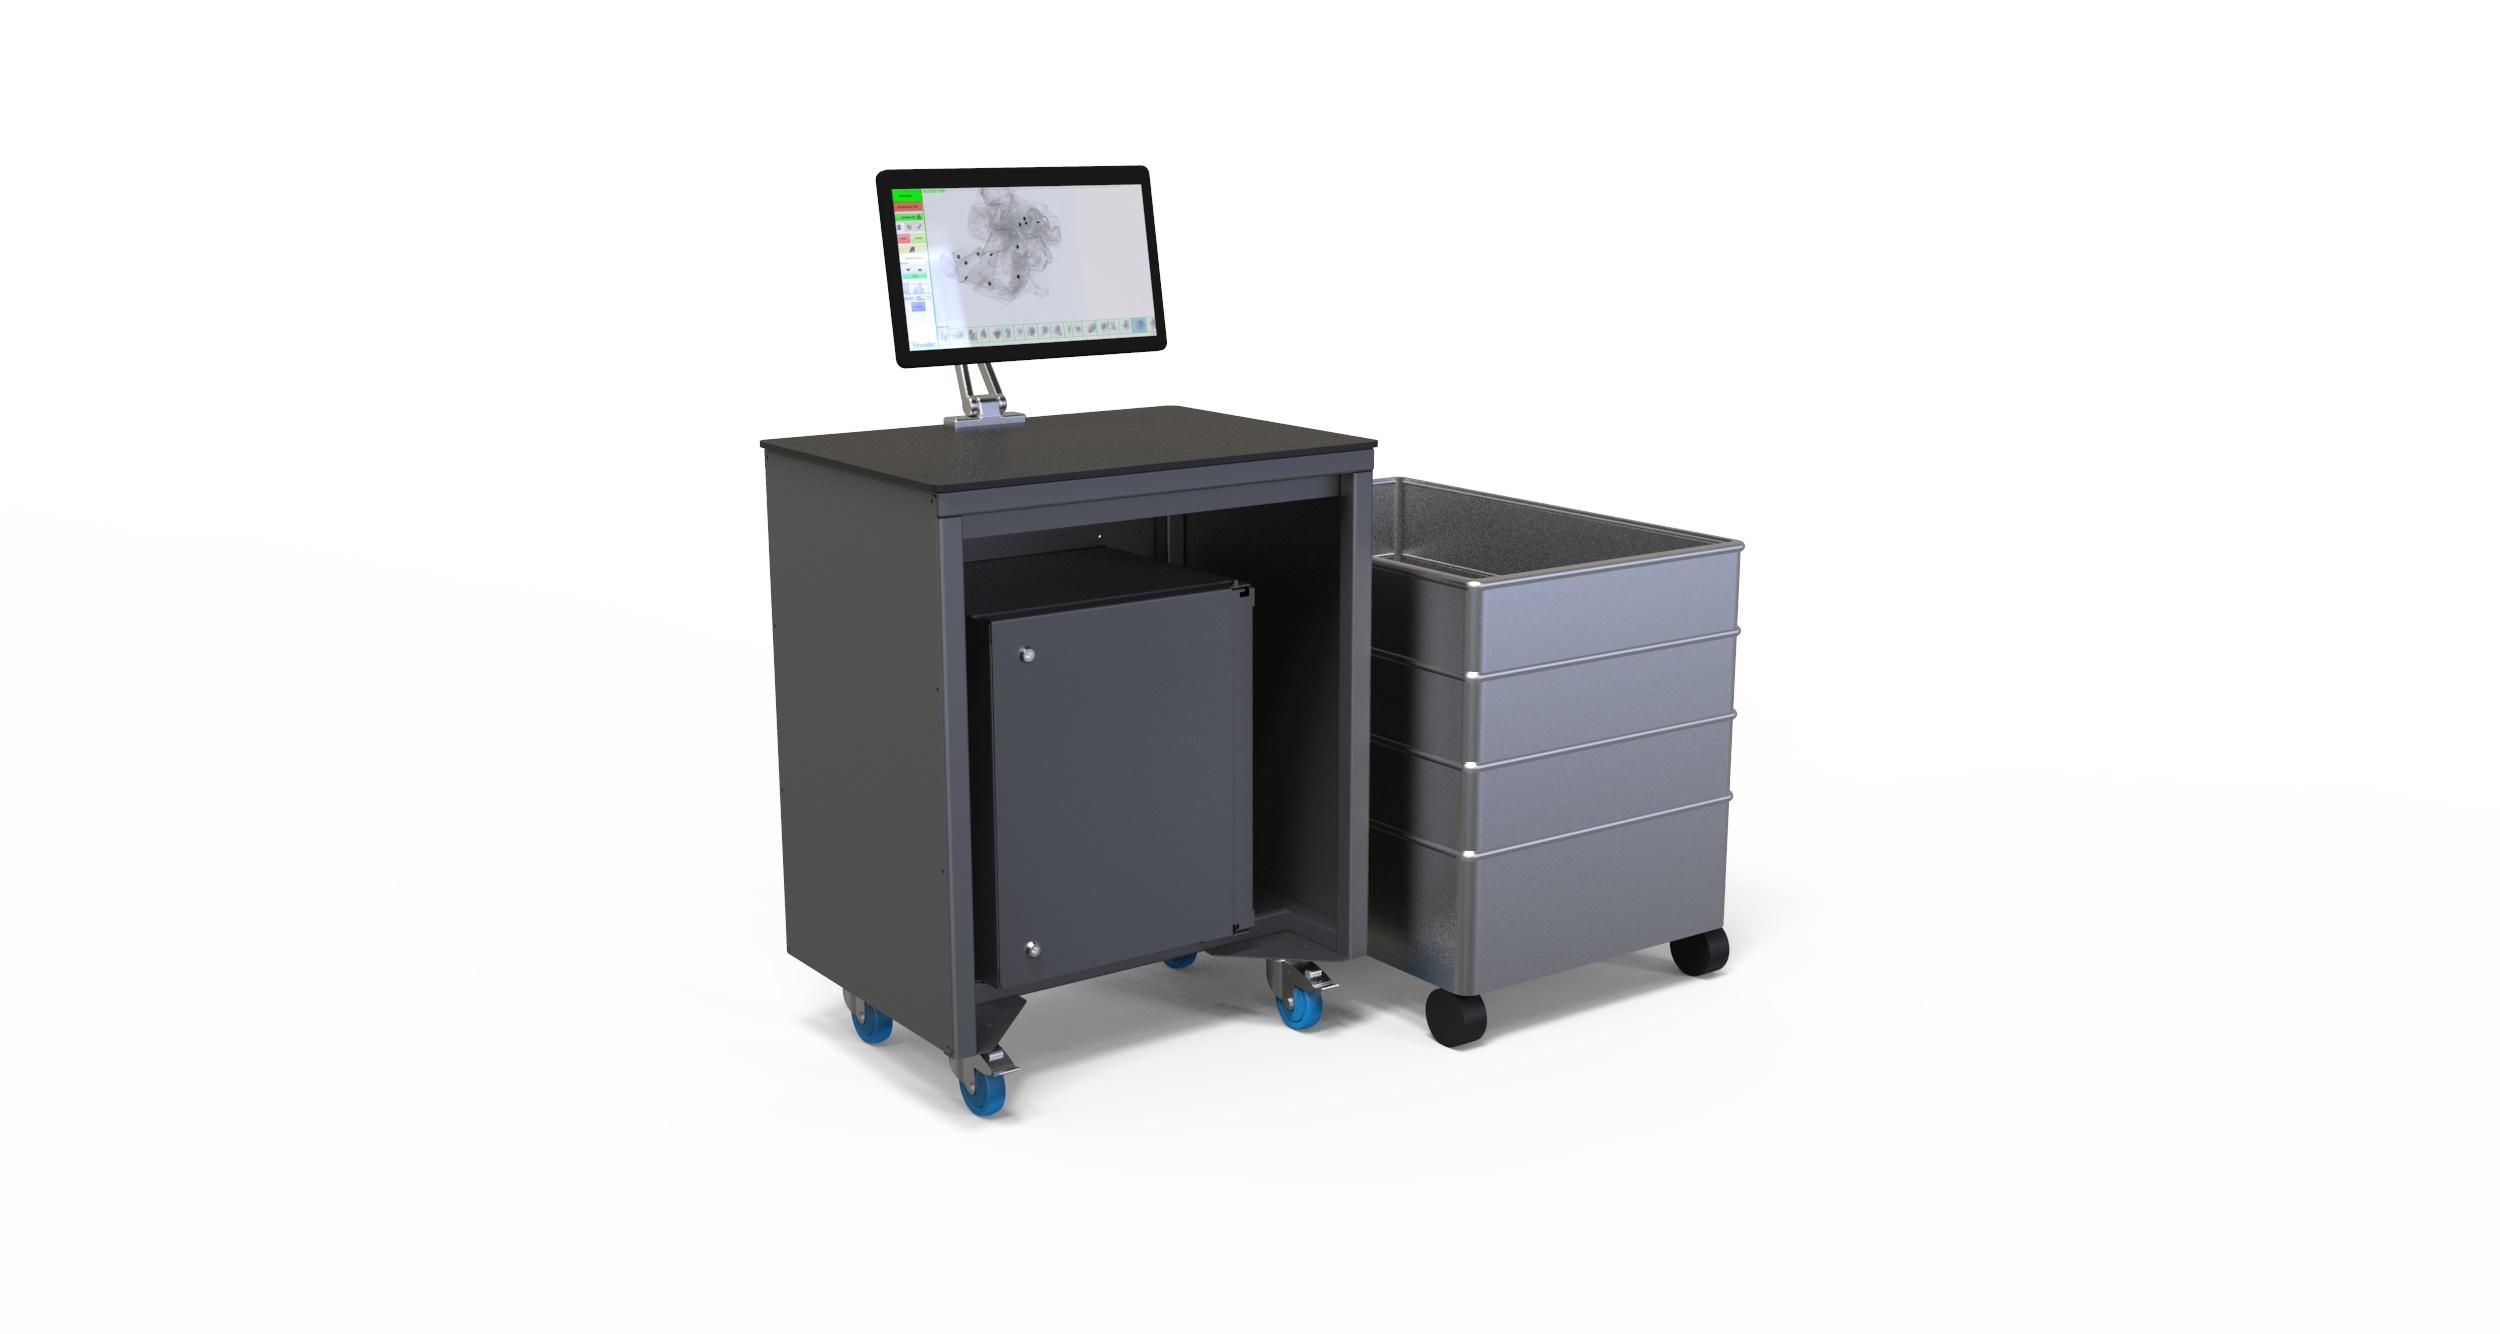 Inwatec Odin Workstation